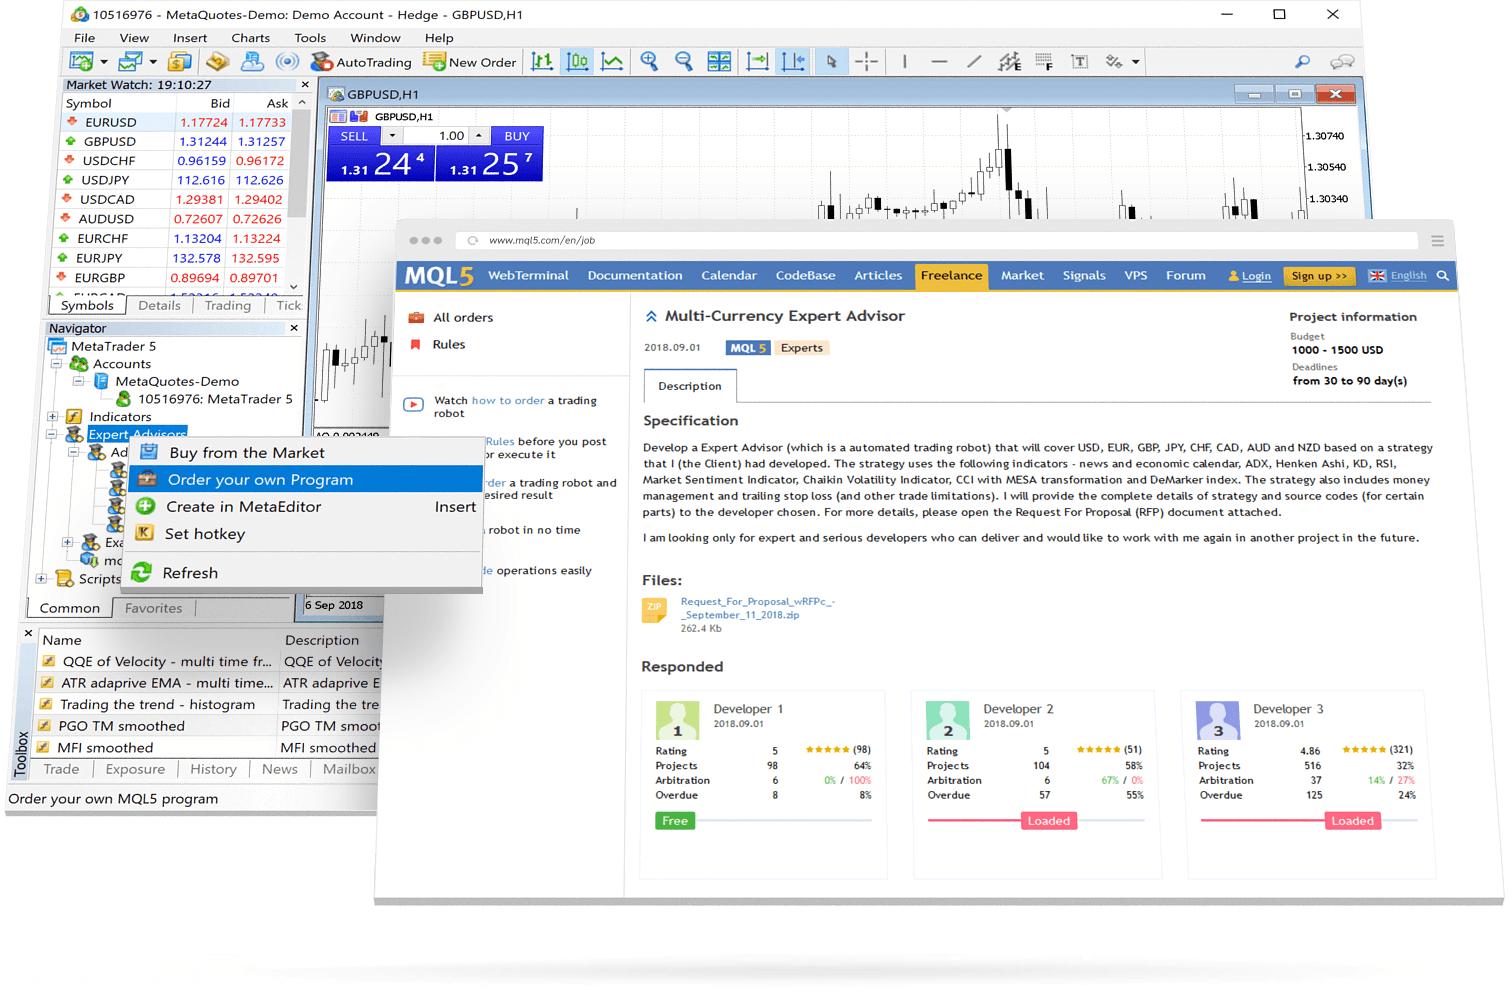 50.000 ausgeführte Aufträge im Rahmen des Freelance-Service bei MQL5.com